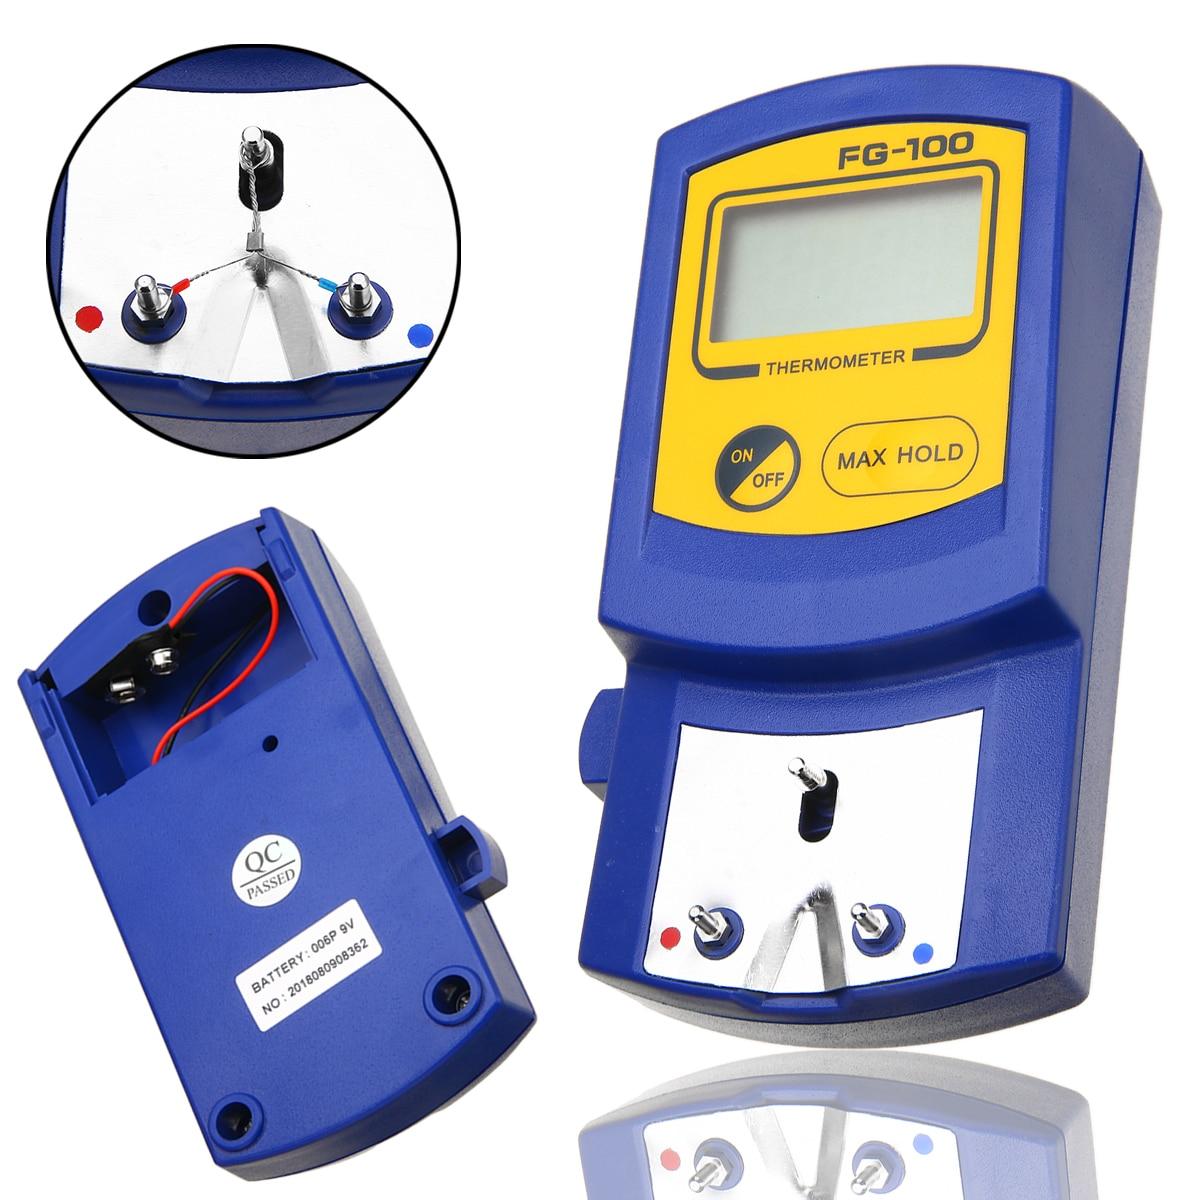 FG-100 Цифровой паяльник наконечник термометр Температурный тестер ЖК-дисплей 0-700 градусов с 5 шт. бессвинцовый Senor набор